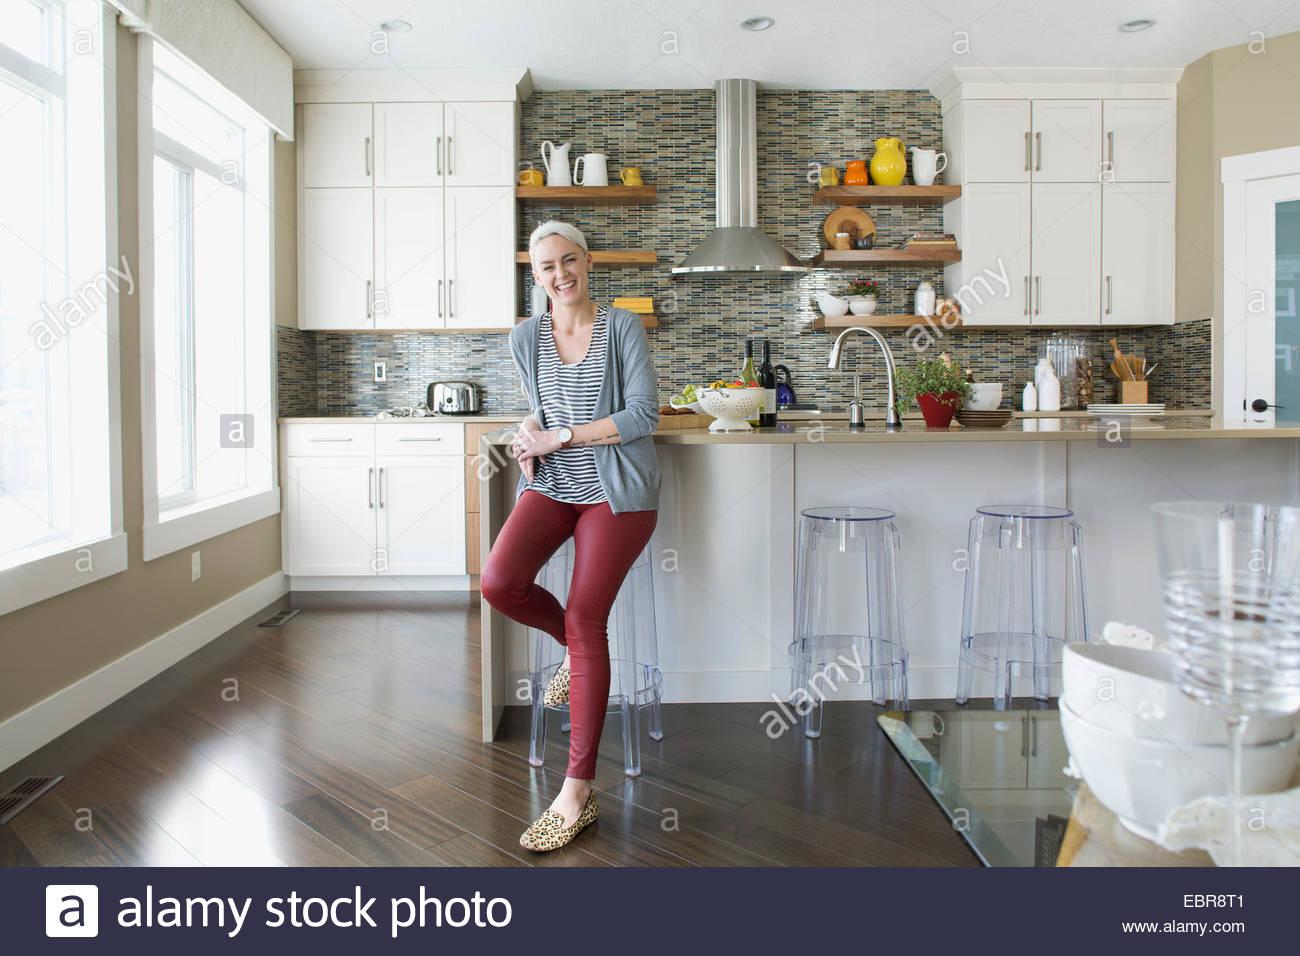 Porträt der lächelnde Frau in Küche Stockbild